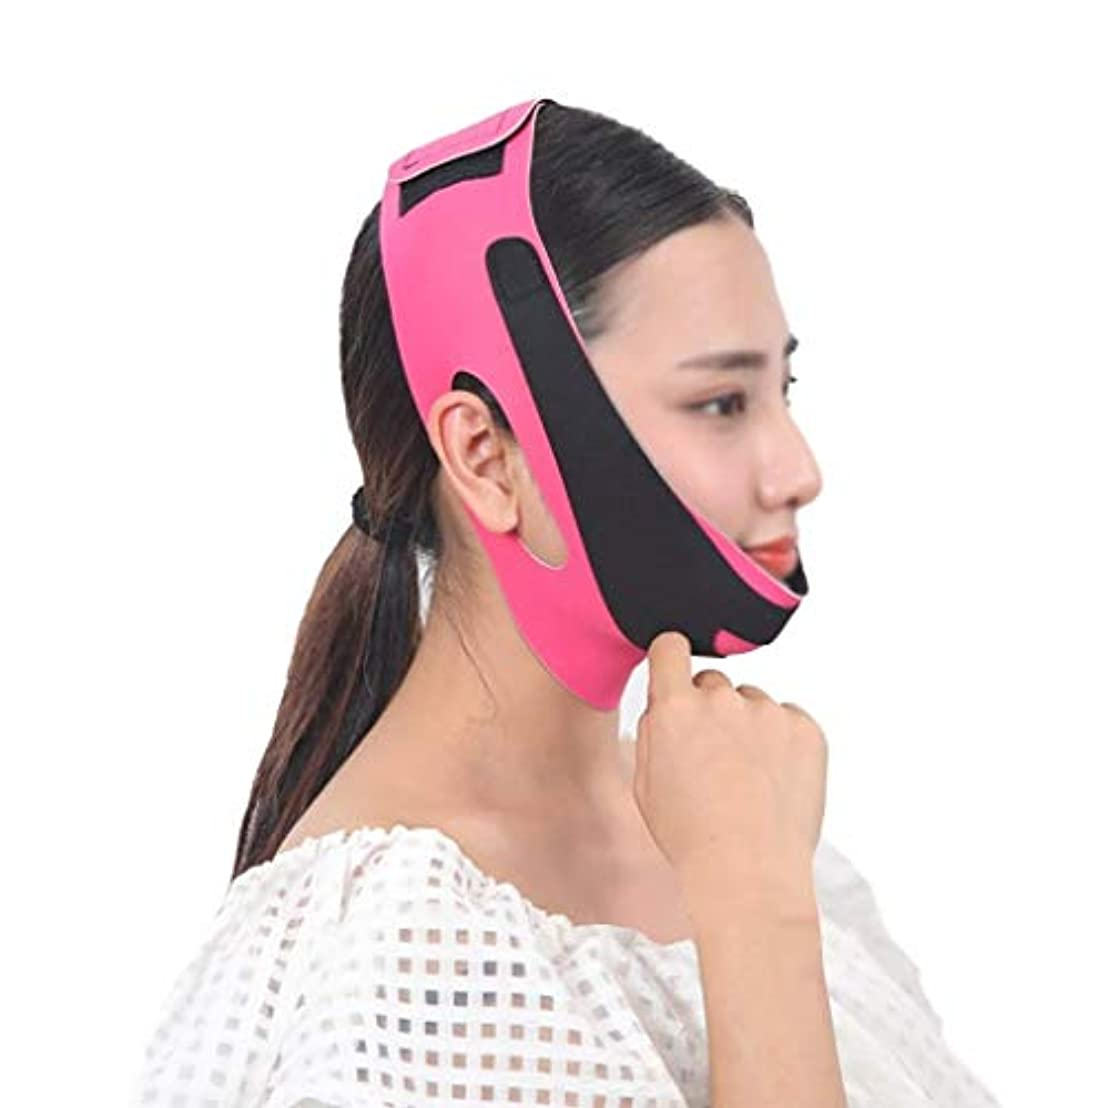 注釈事前固体フェイスアンドネックリフト術後弾性フェイスマスク小さなV顔アーティファクト薄い顔包帯アーティファクトV顔ぶら下げ耳リフティング引き締め薄い顔アーティファクト